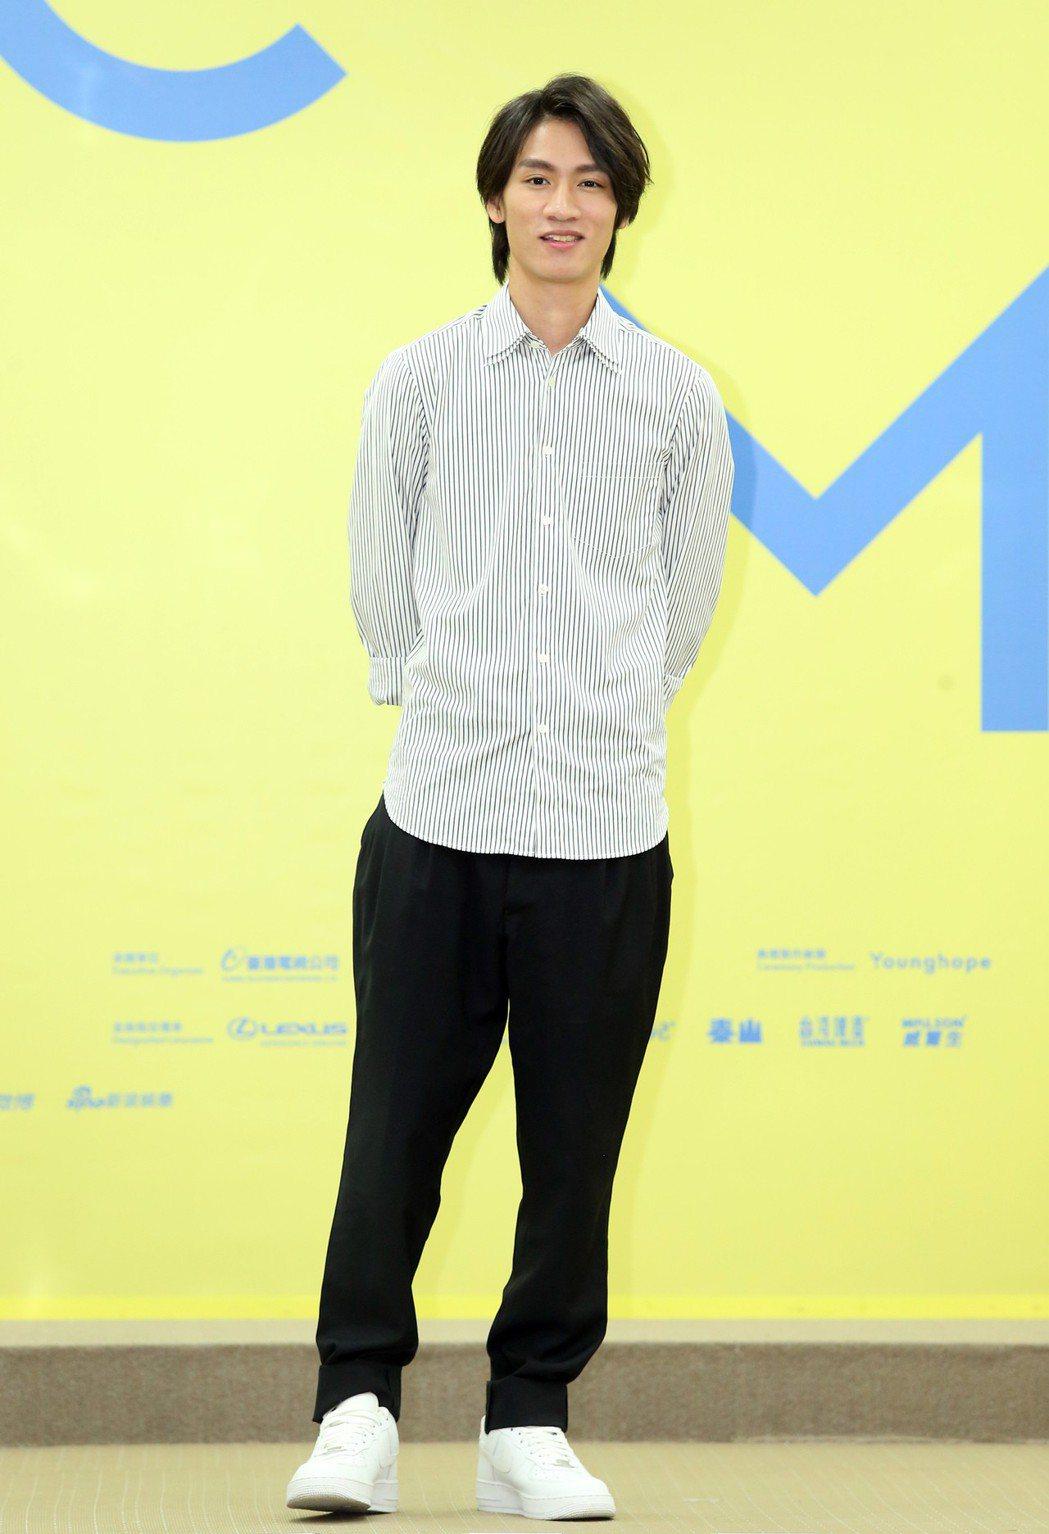 柯智棠出席金曲音樂節起跑儀式。記者徐兆玄/攝影